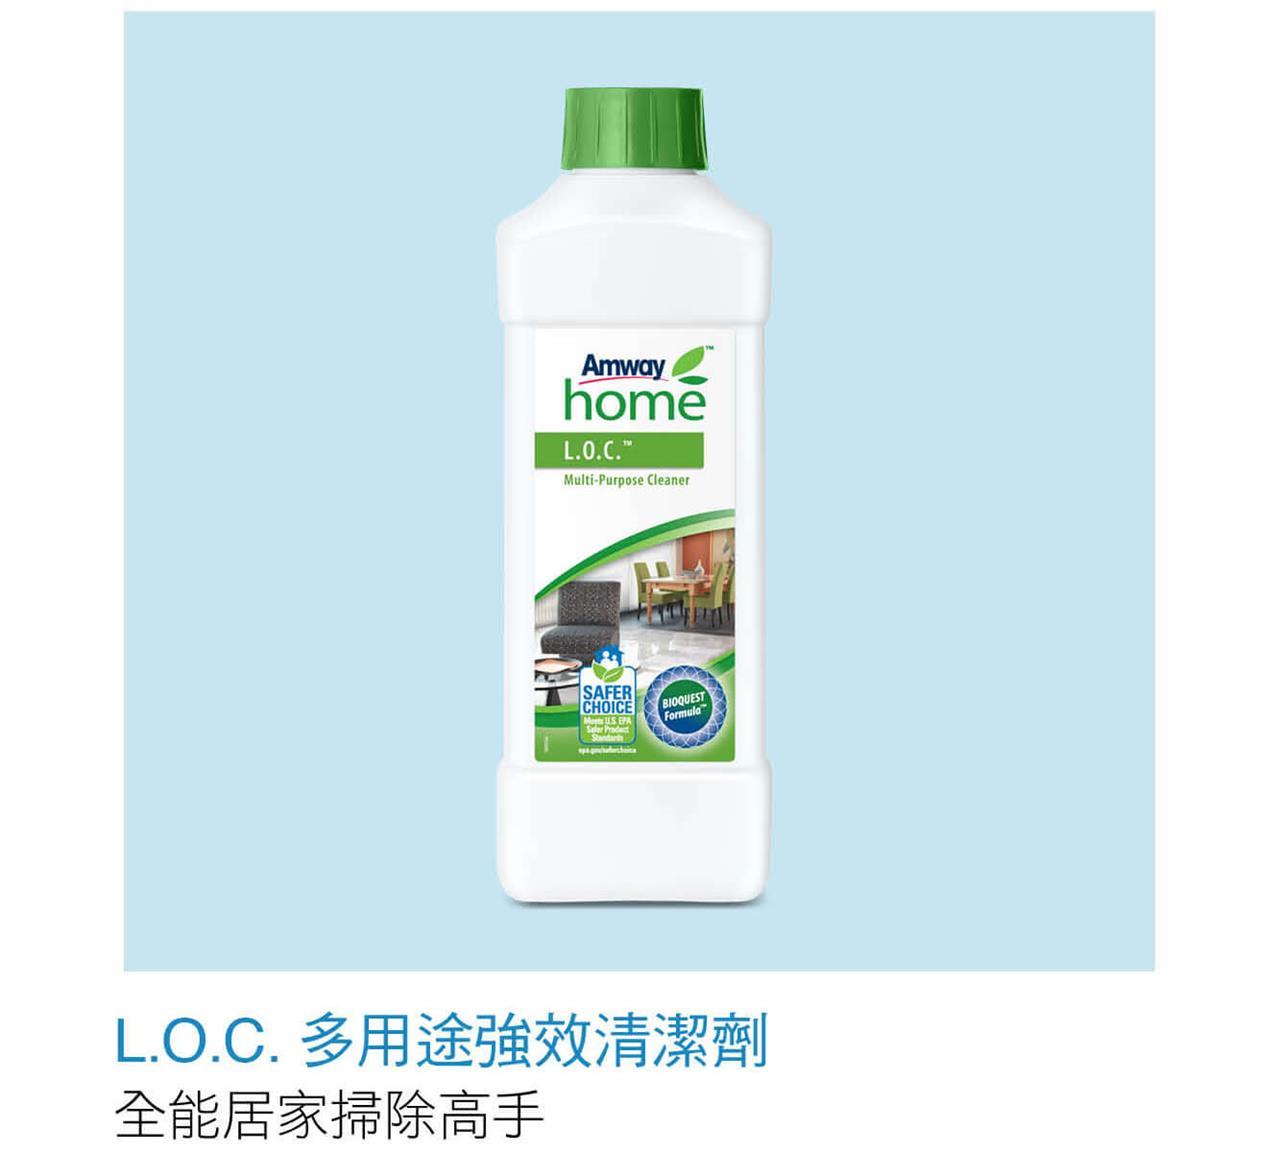 L.O.C.多用途強效清潔劑 全能居家掃除高手